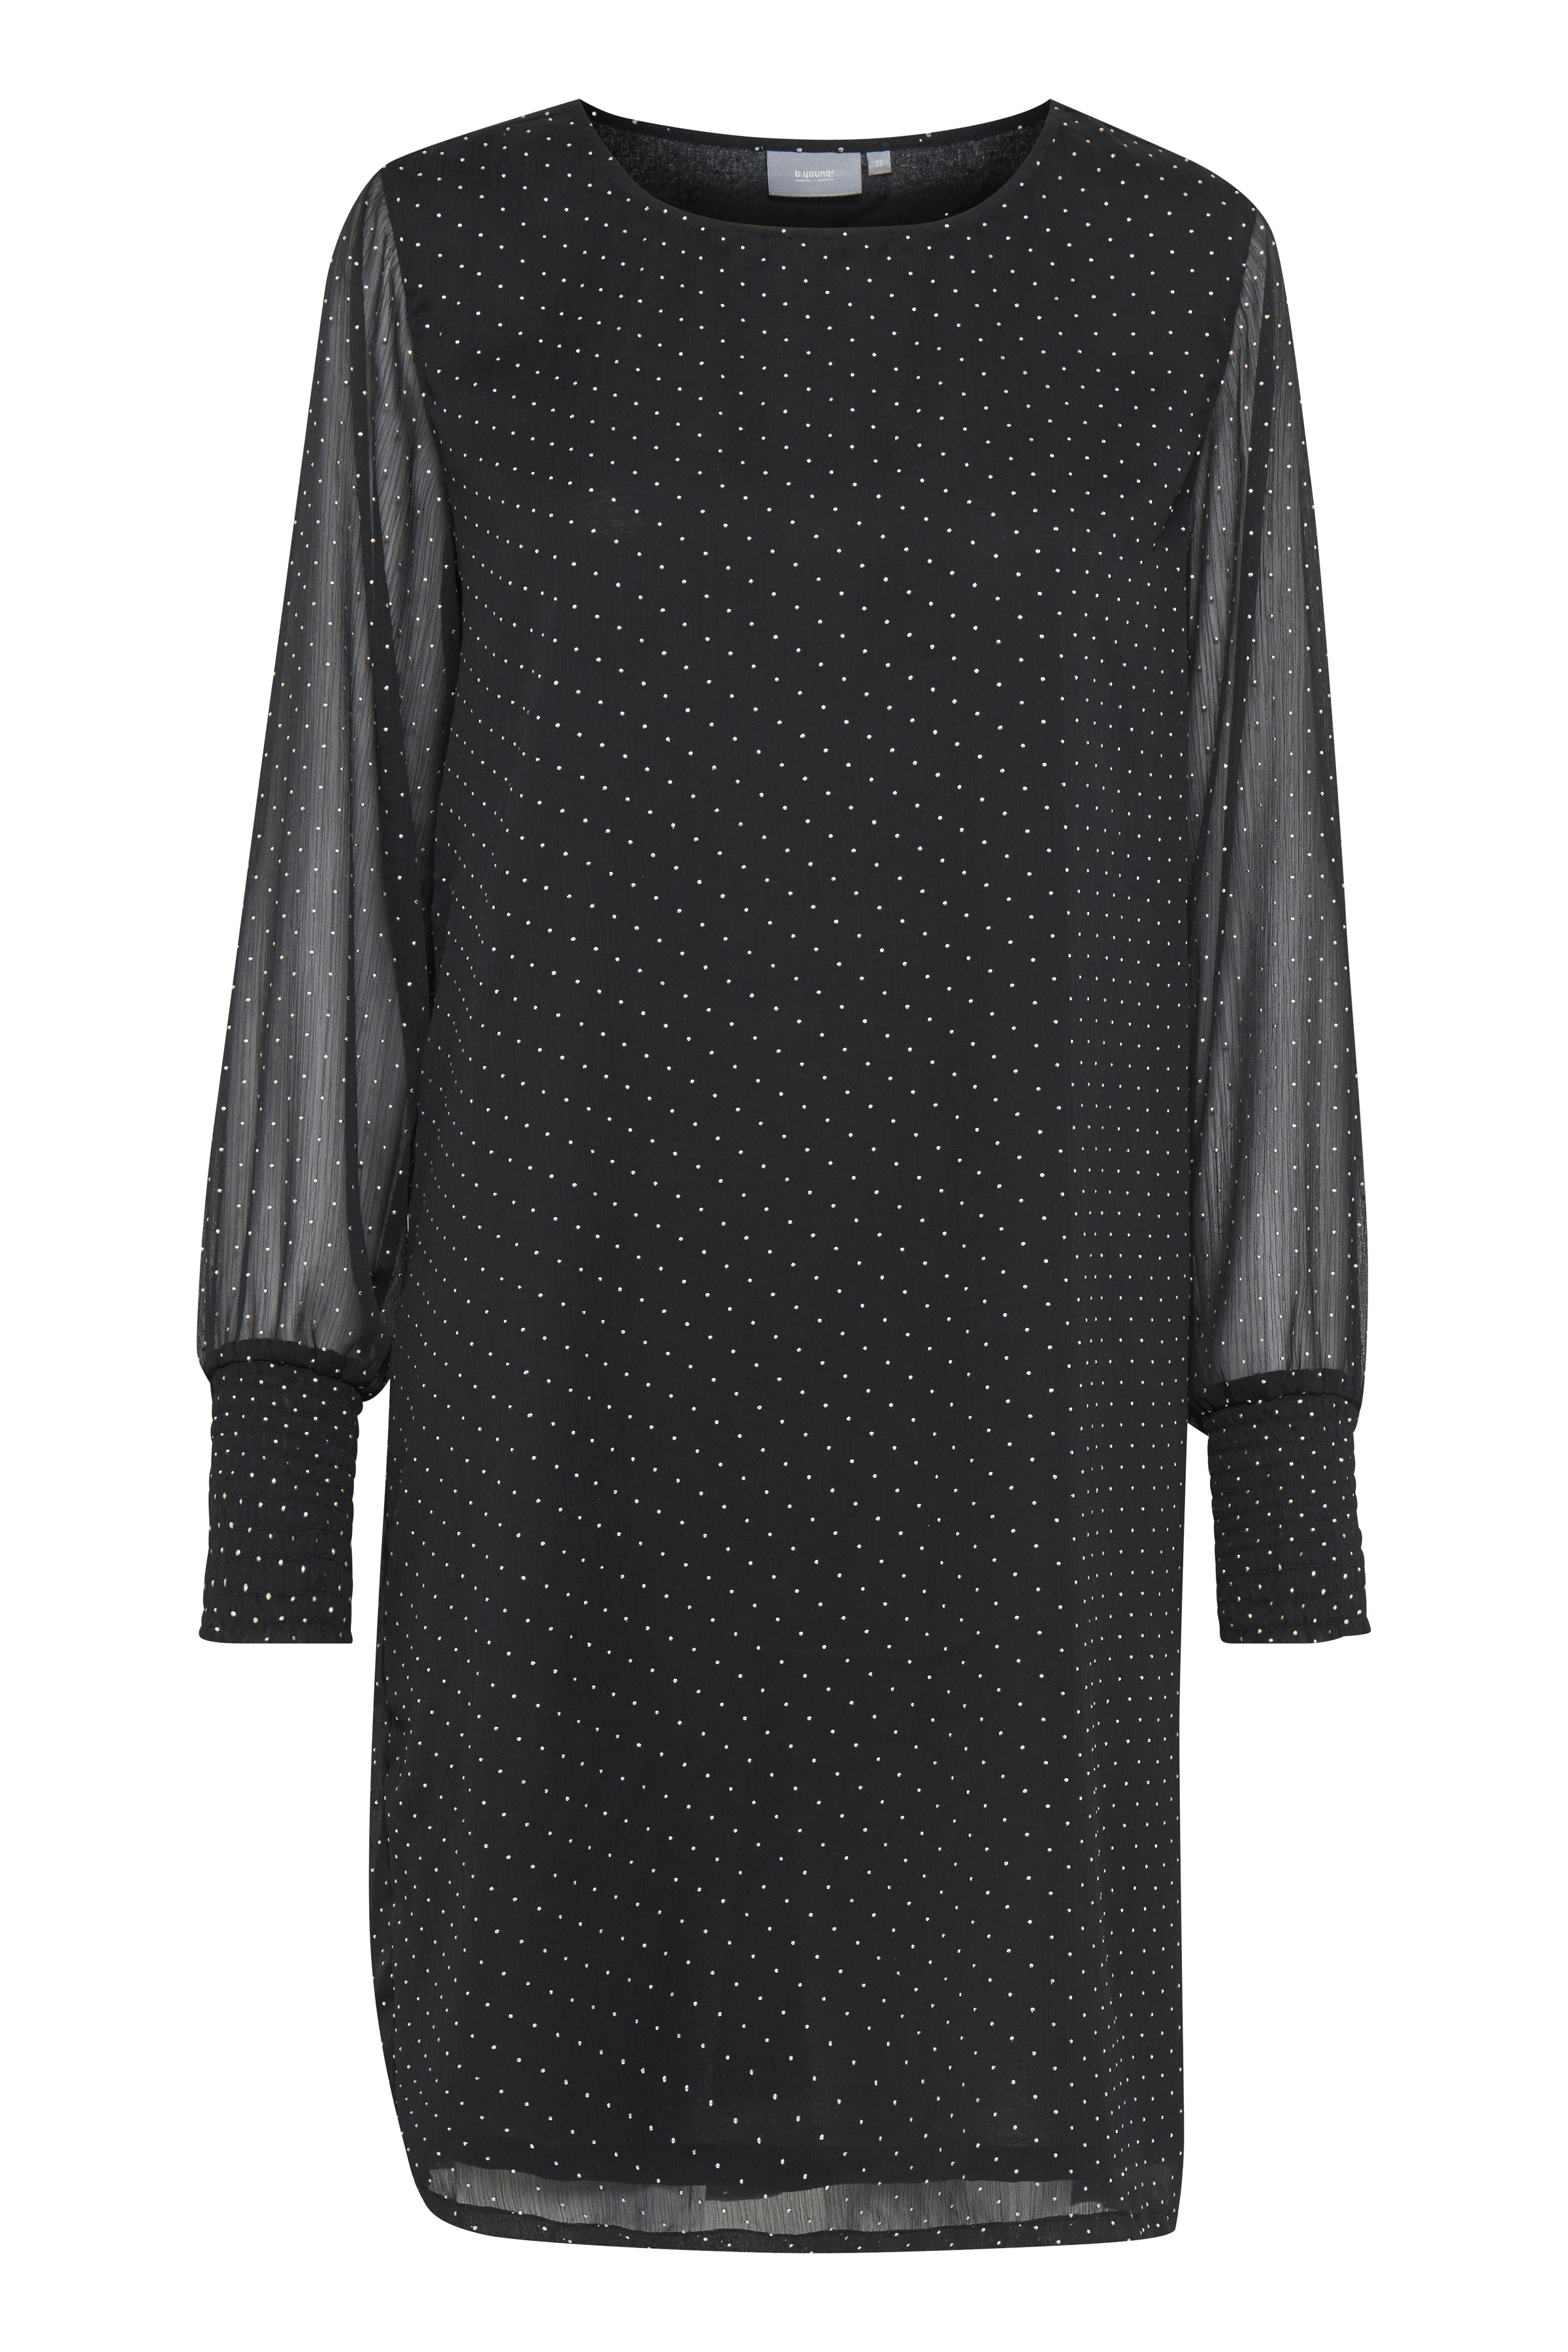 Black combi Kjole fra b.young - Kjøp Black combi Kjole fra størrelse 36-46 her